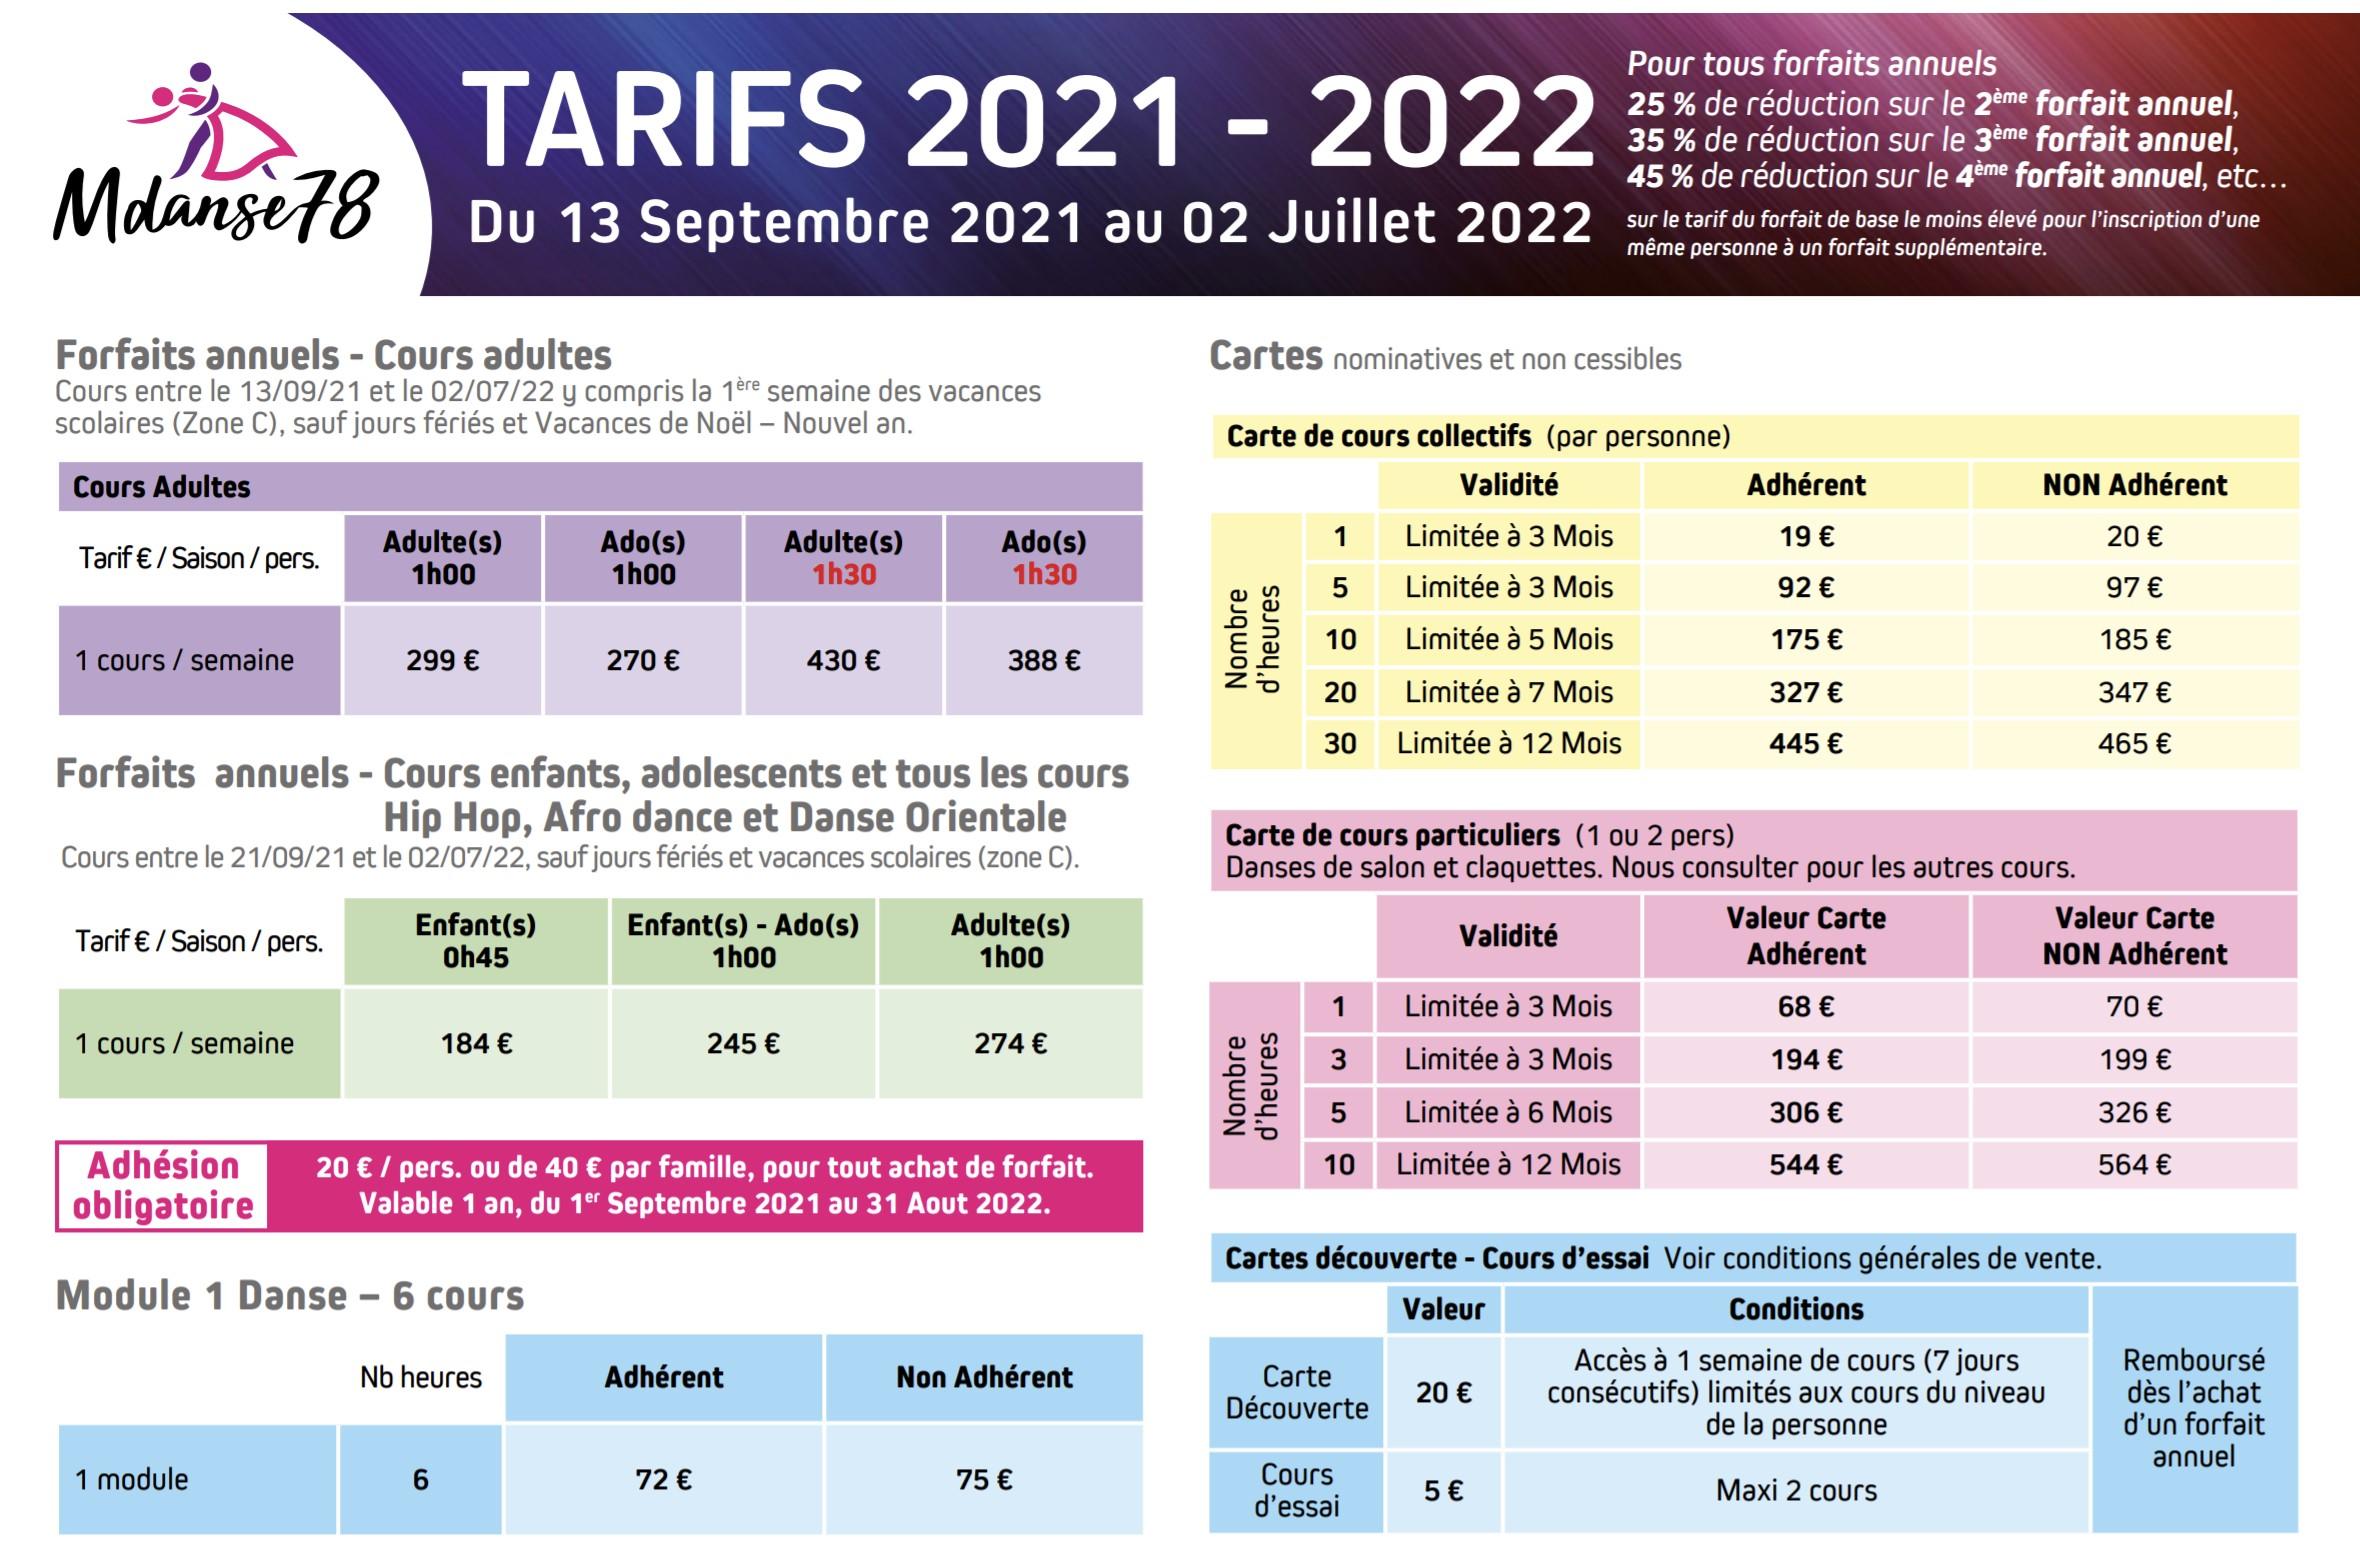 Tarif 2021-20225